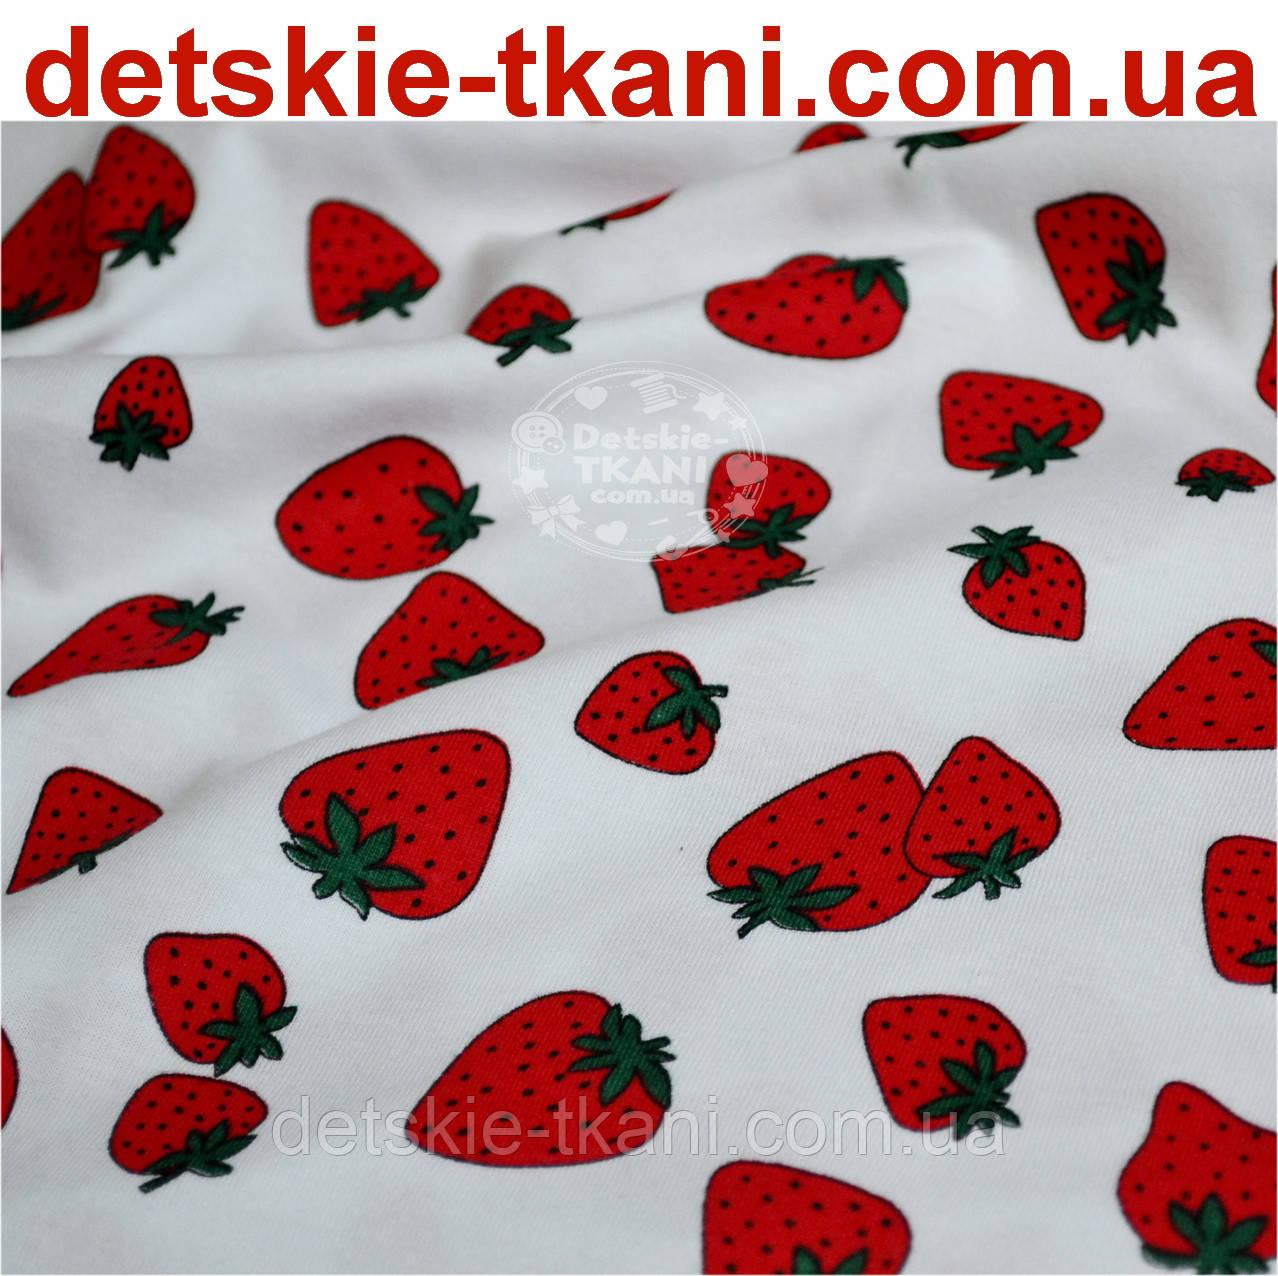 Трикотажное полотно сингл джерси с клубничками (Польша)